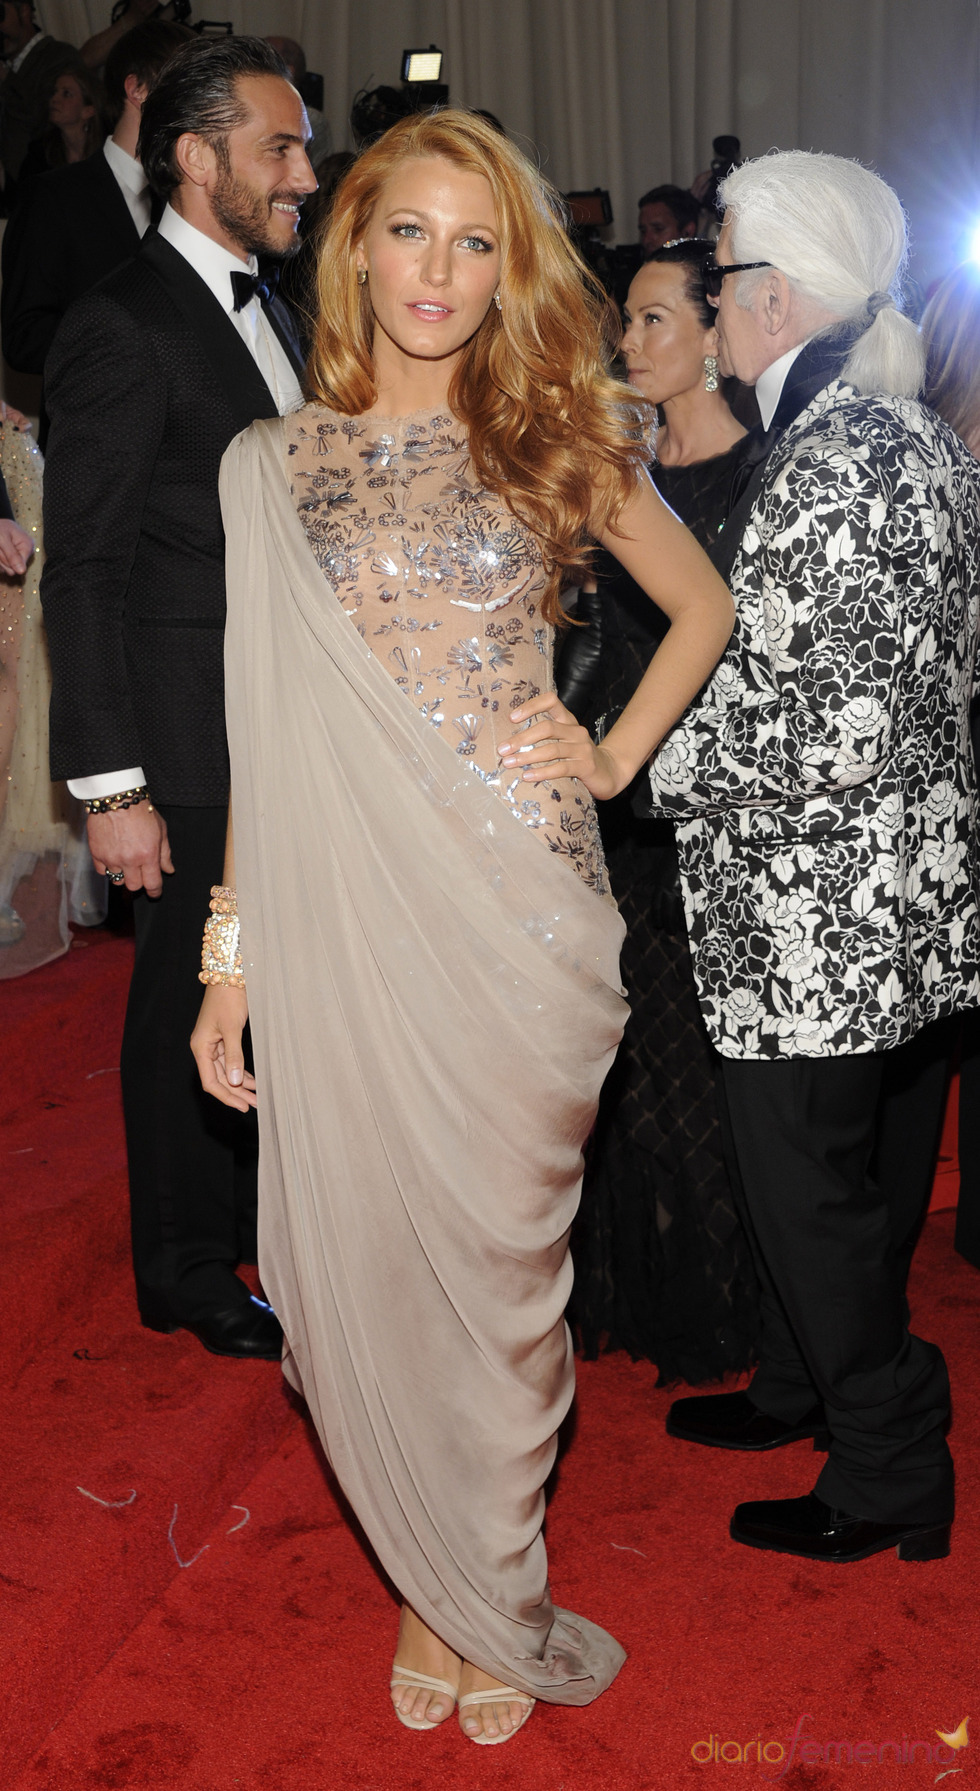 Blake Lively en la gala Costume en el Museo Metropolitano de Arte